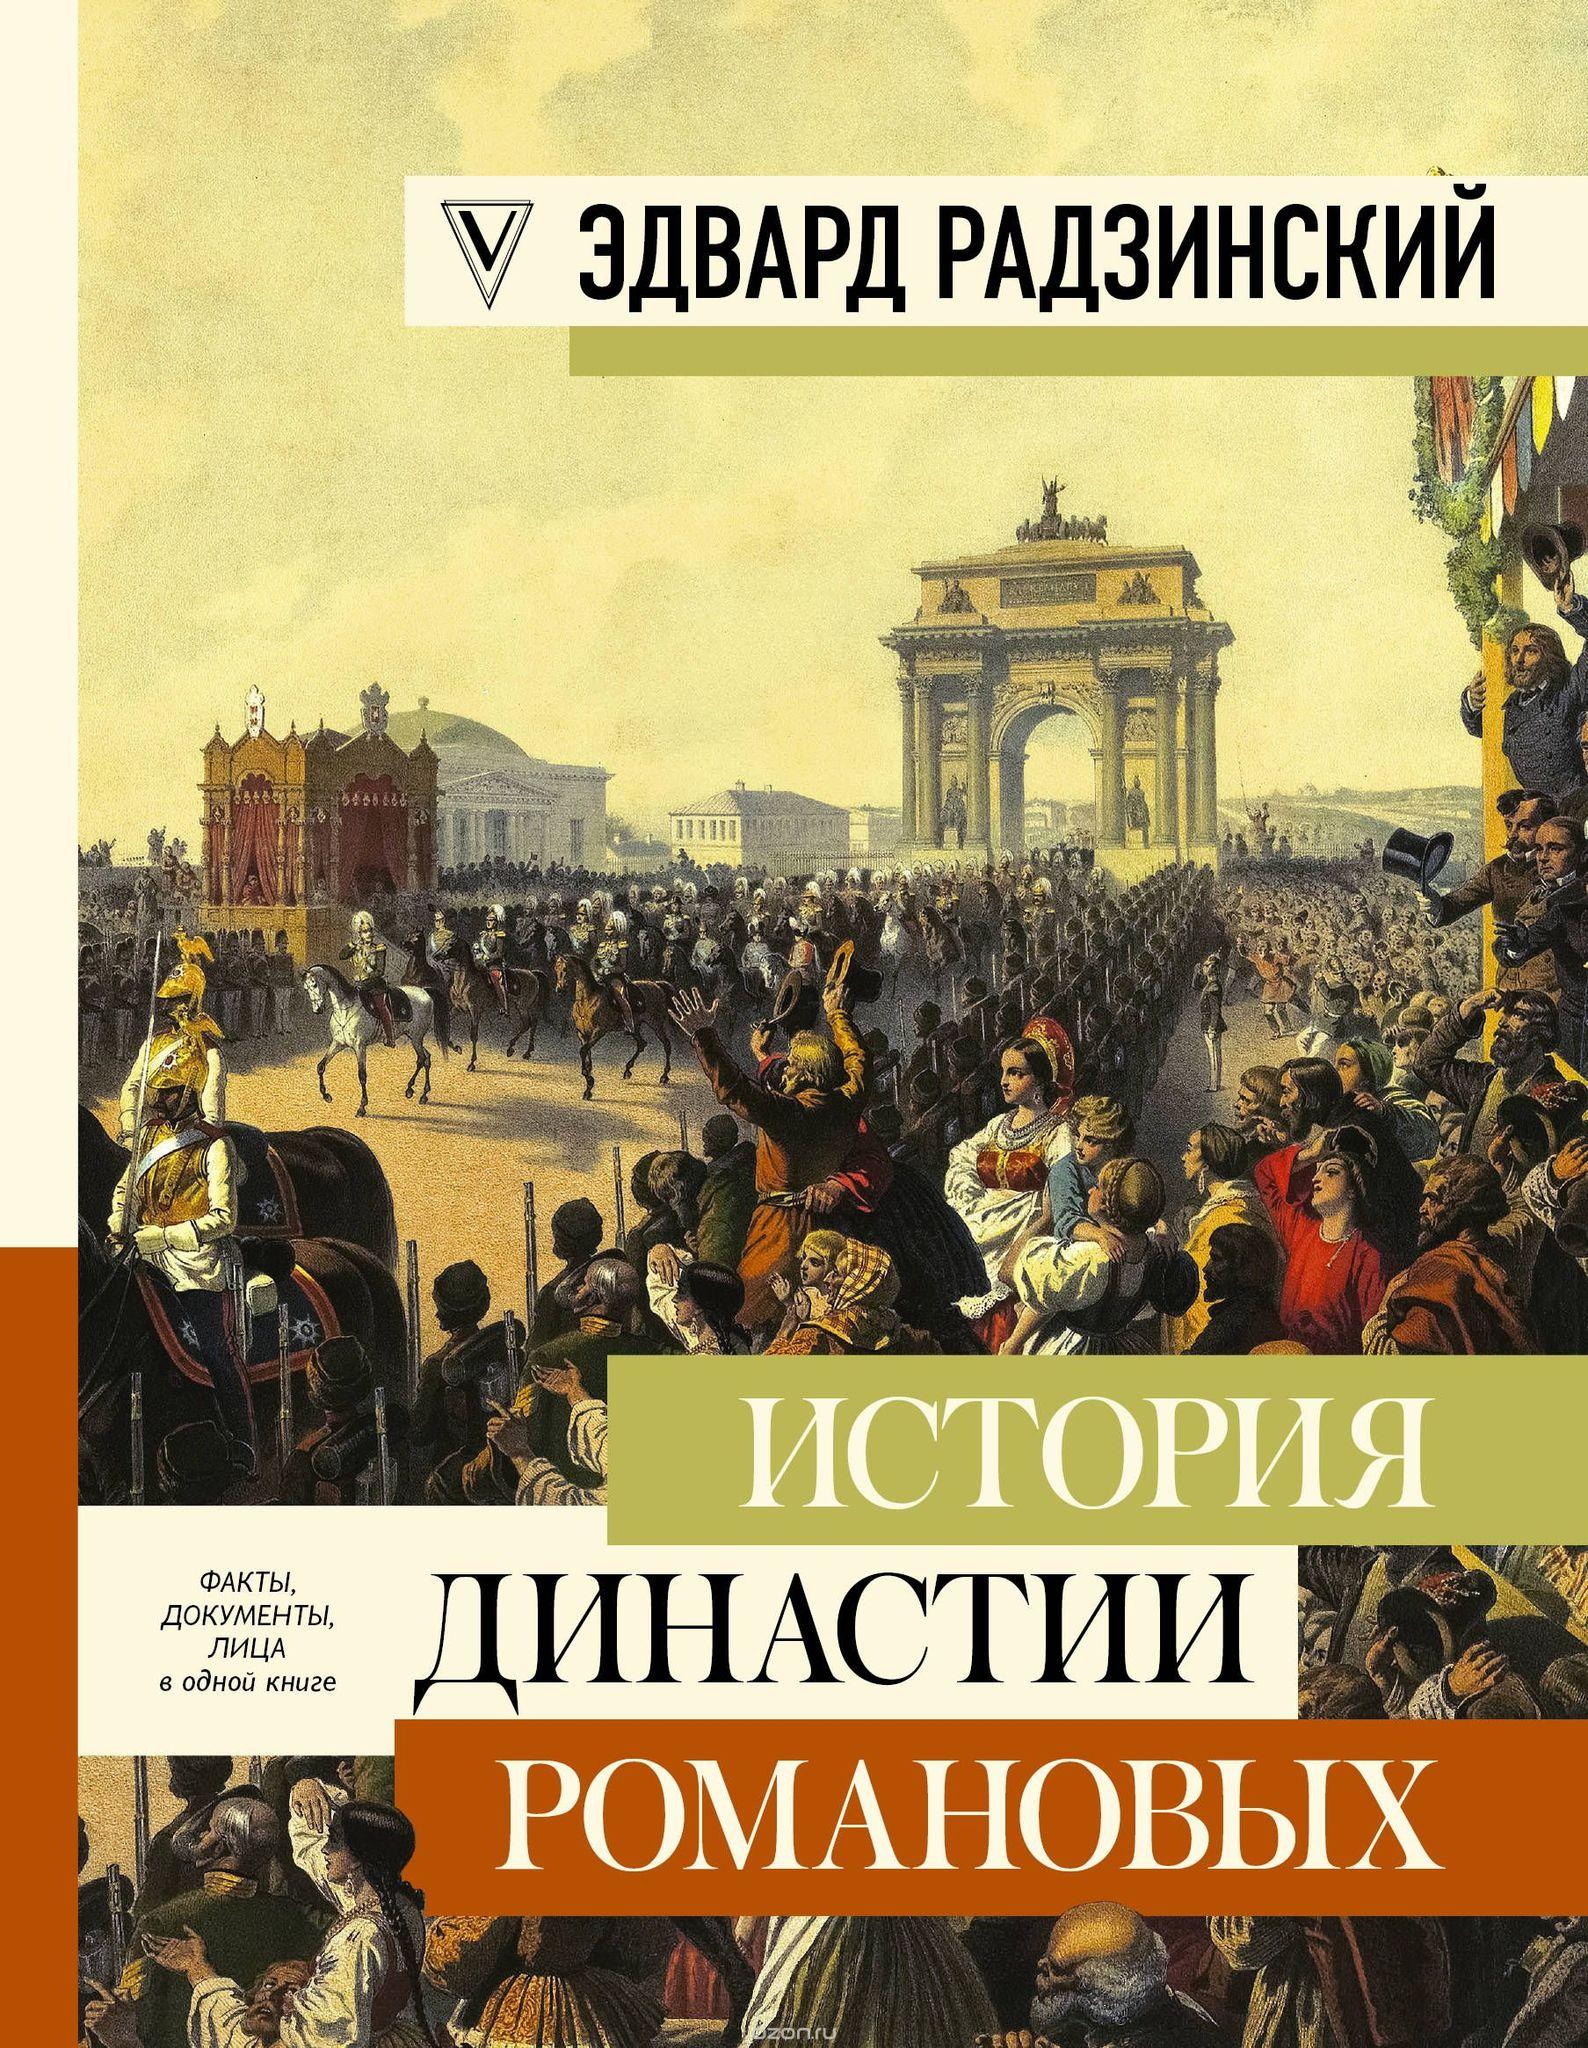 Kitab История династии Романовых   Эдвард Радзинский